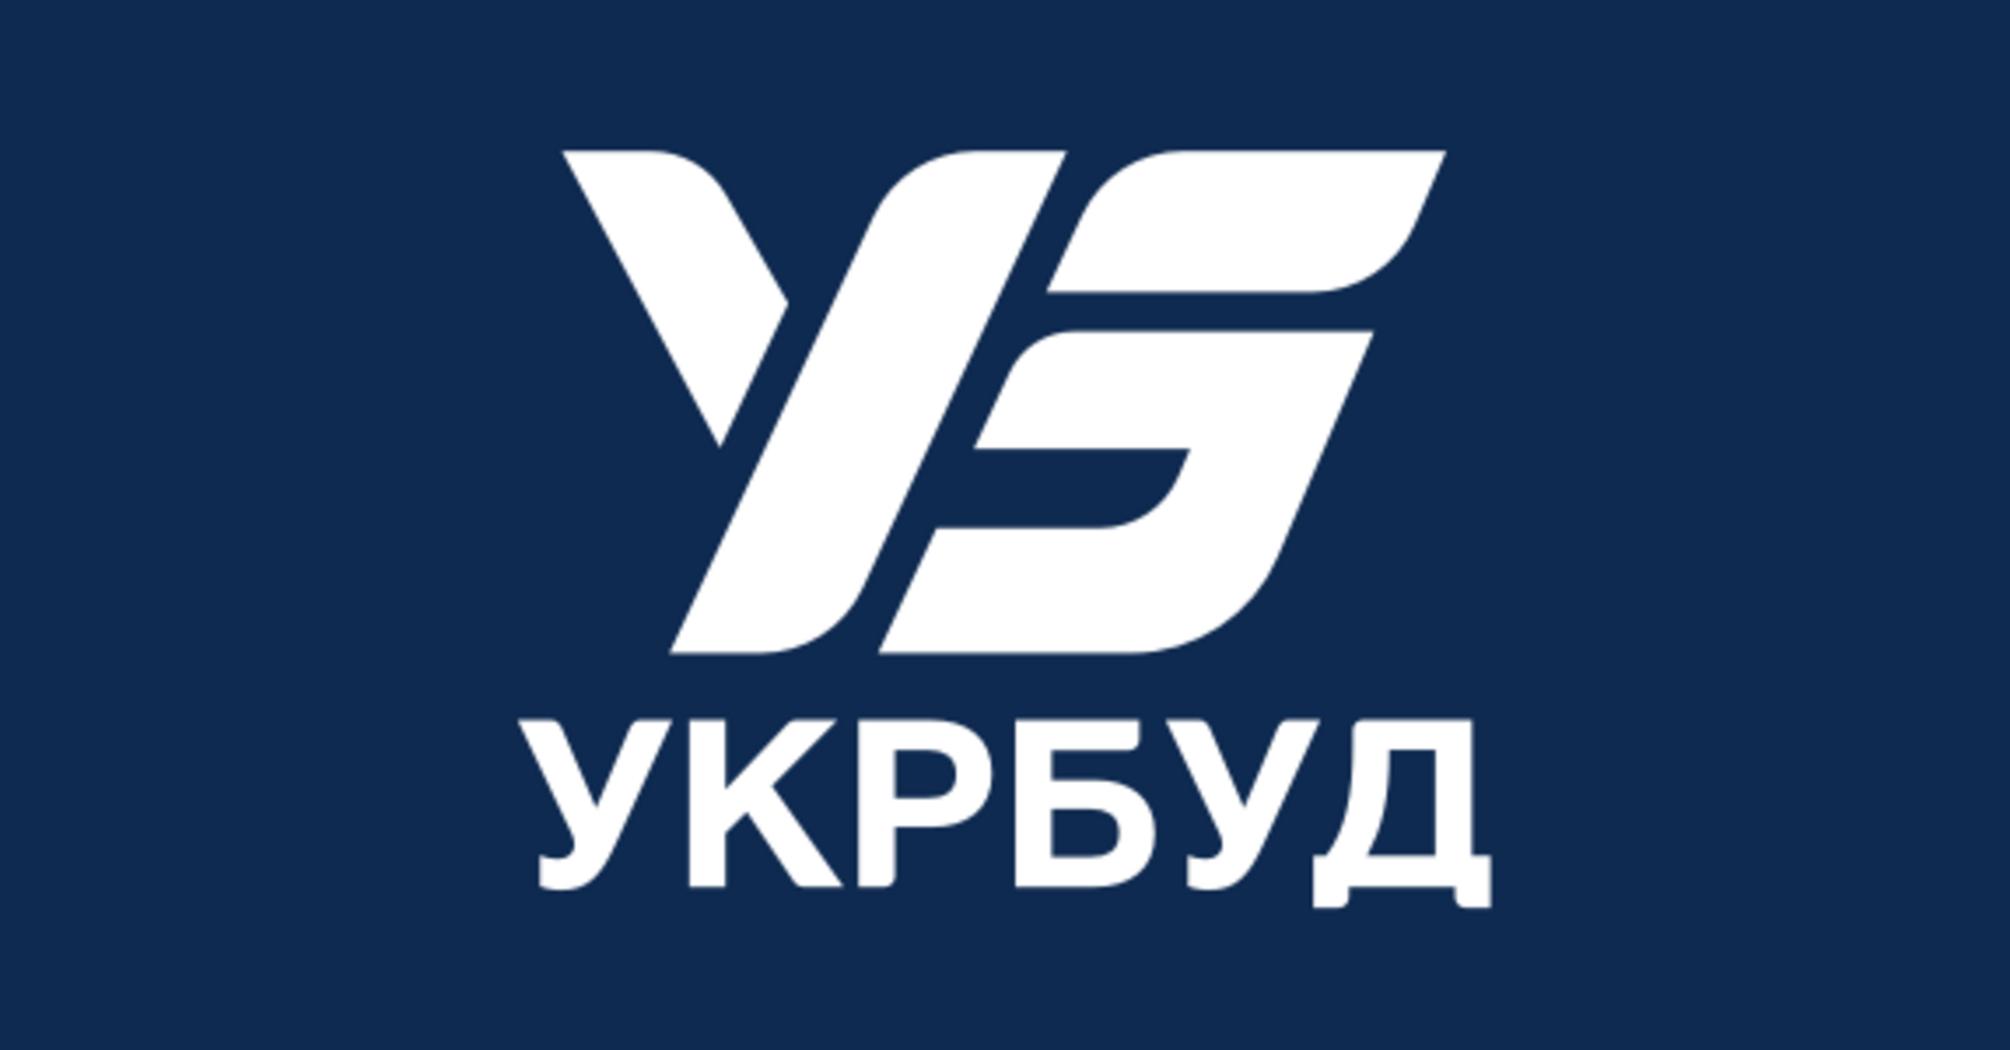 """Минобороны просит Кабмин принять решение по объектам """"Укрбуда"""" и прекратить хозяйственные споры"""